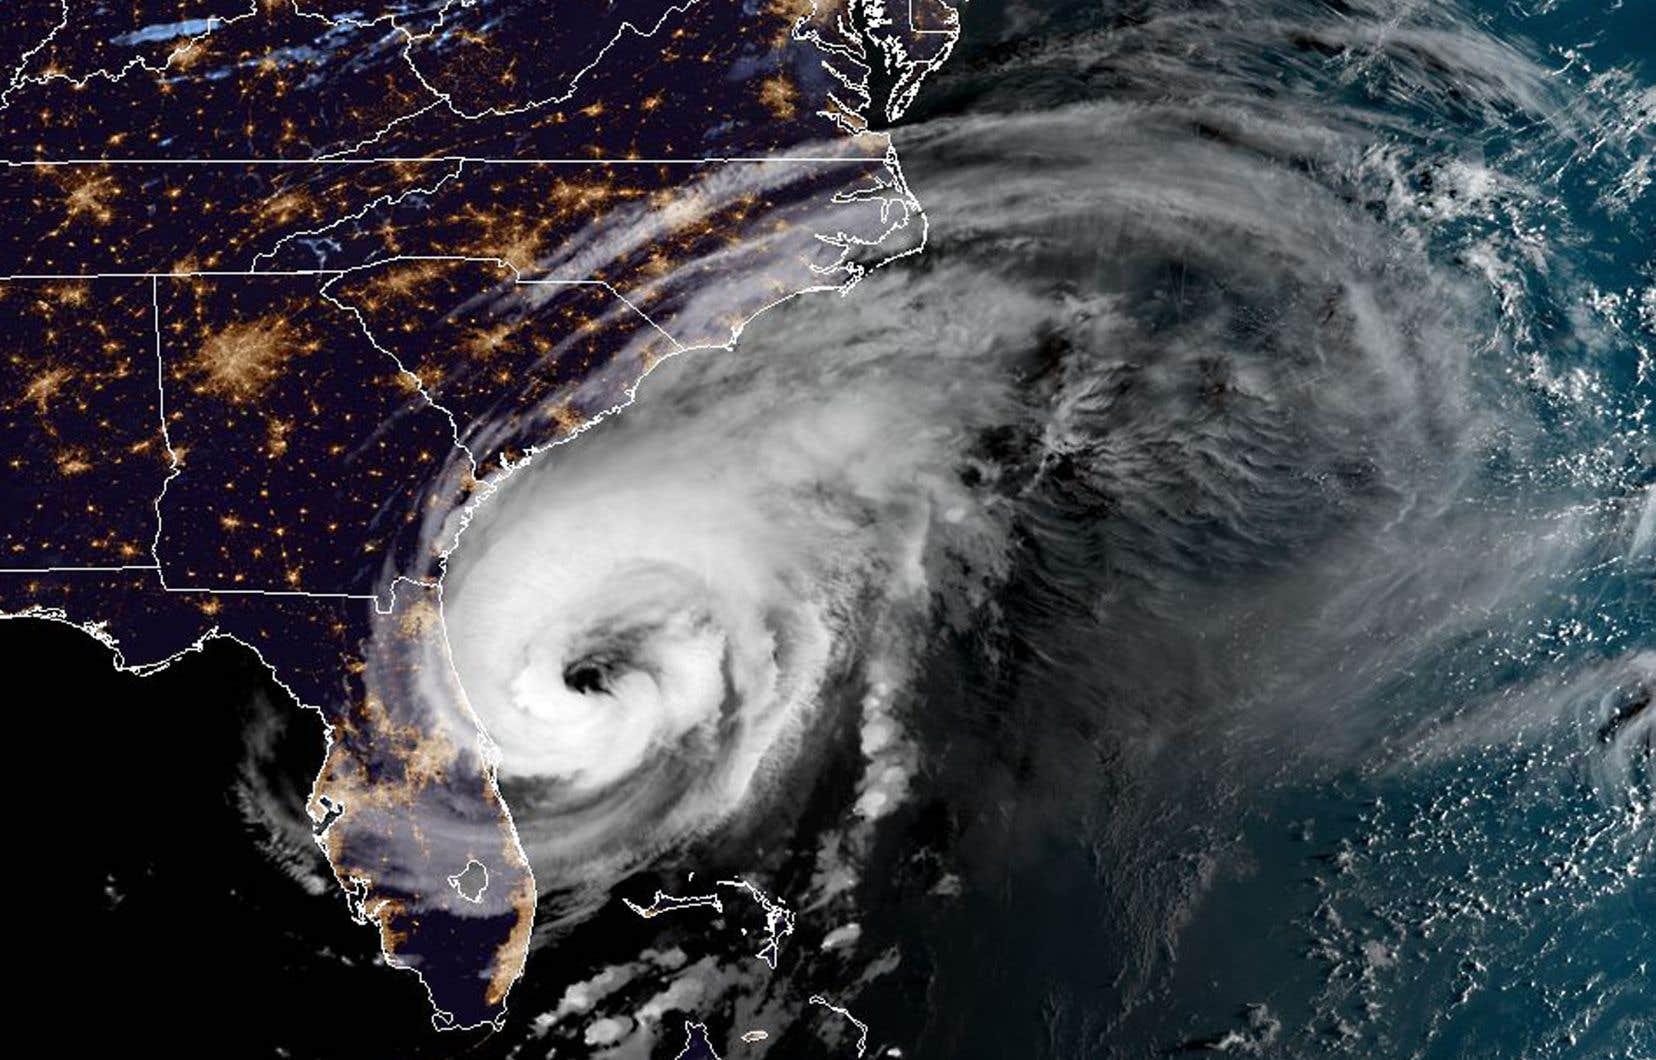 L'ouragan «Dorian», qui a ravagé les Bahamas, est en route vers le nord. Bien qu'affaibli, il pourrait toucher la Basse-Côte-Nord et les Îles-de-la-Madeleine cette fin de semaine, selon Environnement Canada.